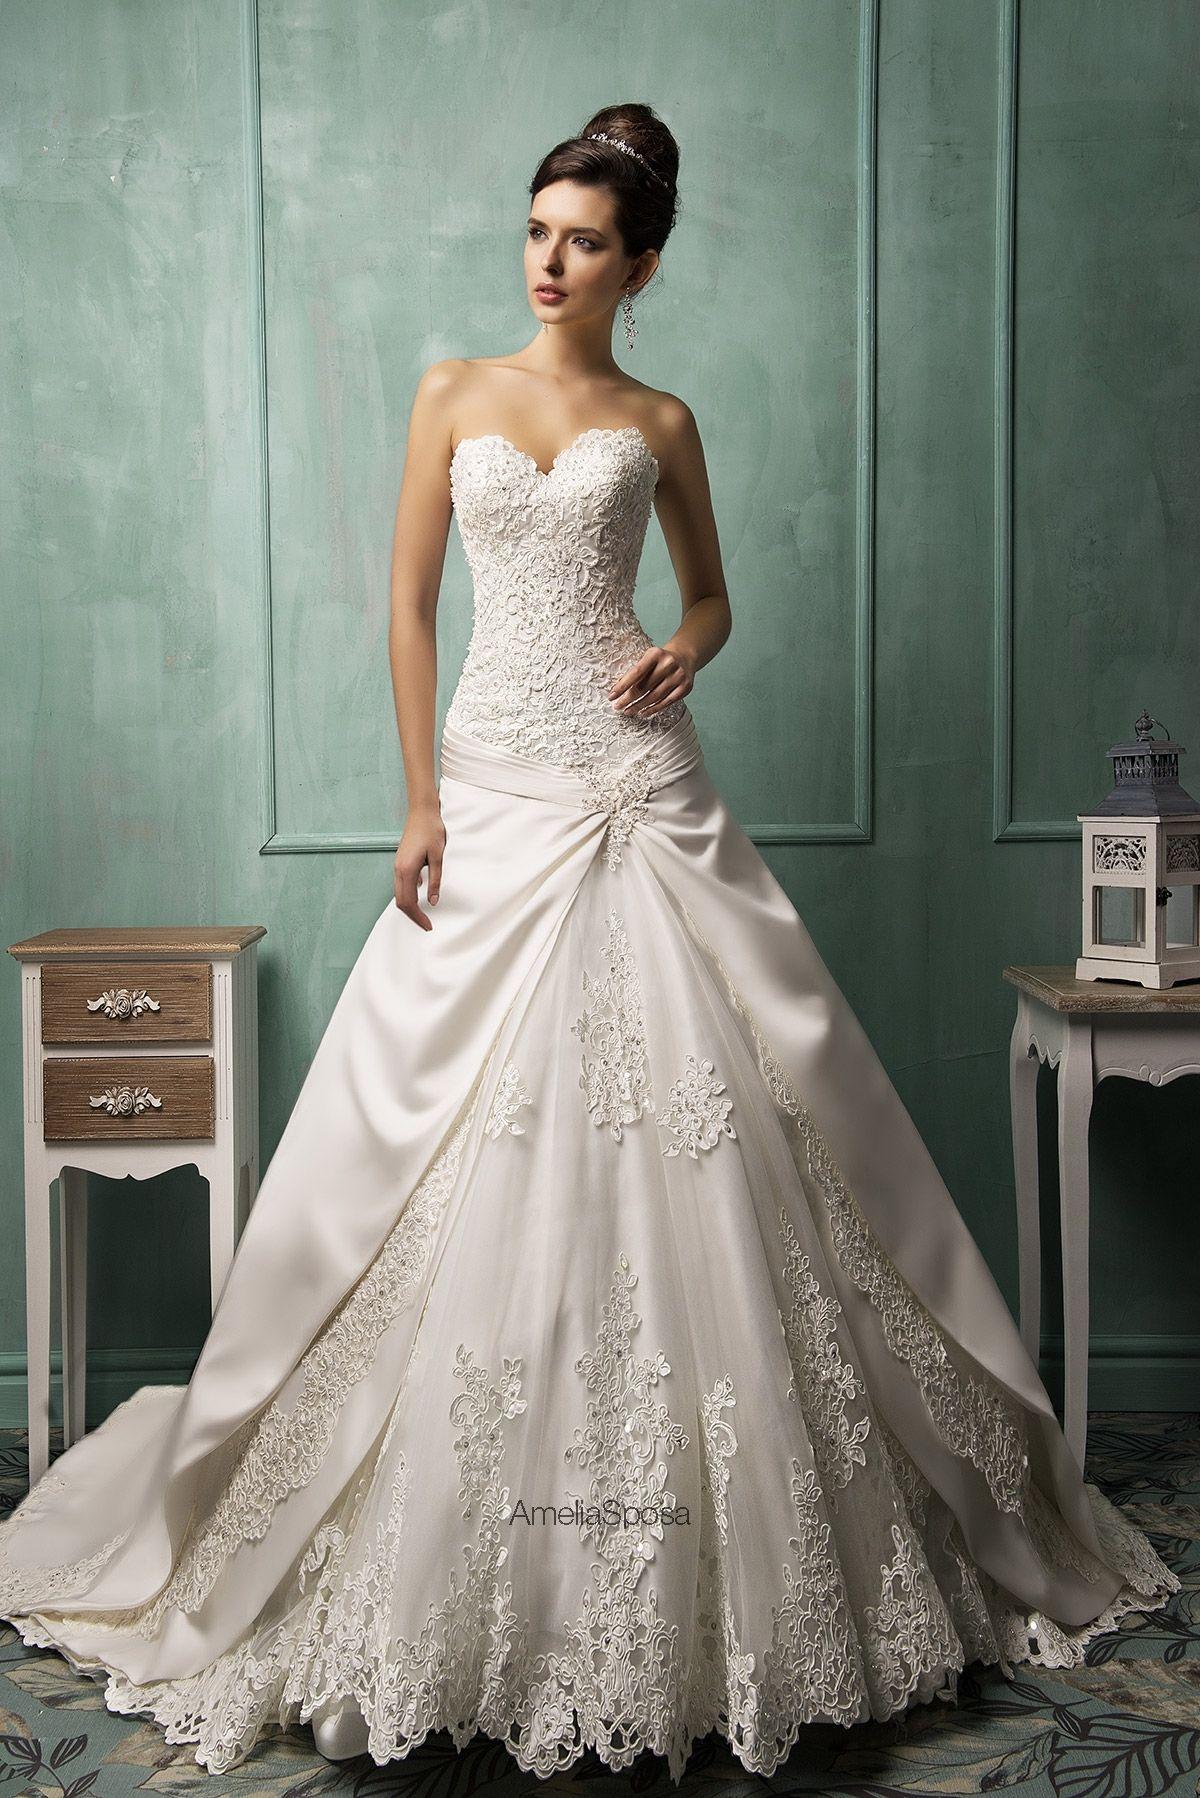 Amelia Sposa Wedding Dress Style Dalila Italian Wedding Dresses Empire Wedding Dress Sweetheart Wedding Dress